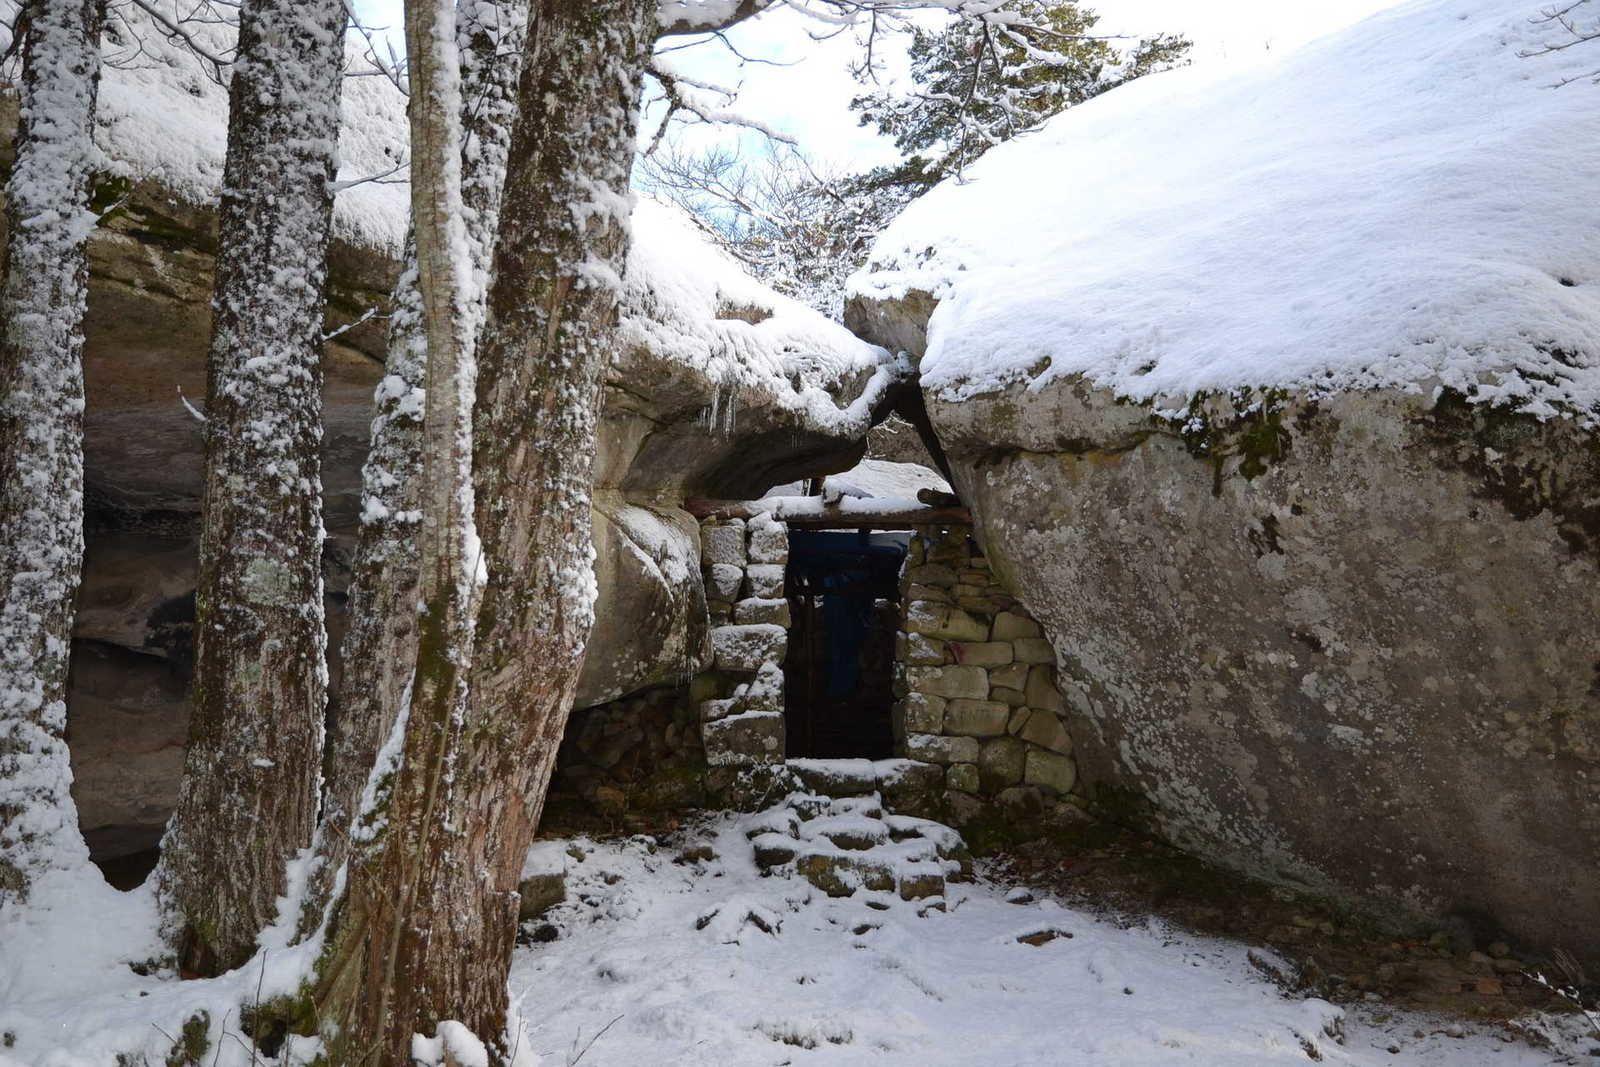 Le pays d'Annot et son circuit des Grès le15 janvier 2014